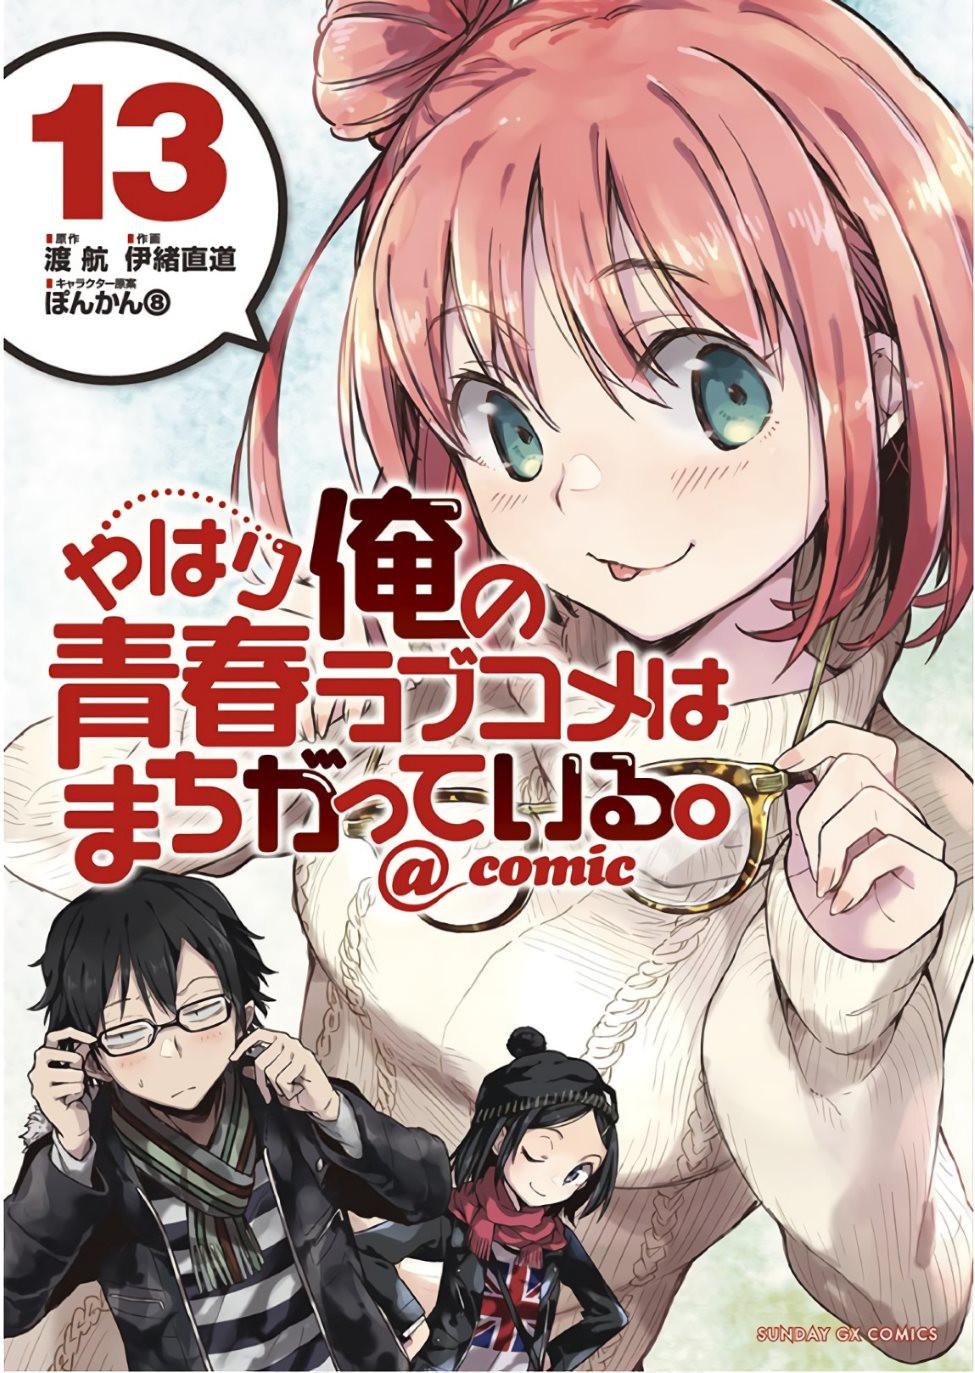 Yahari Ore no Seishun Rabukome wa Machigatte Iru. @ Comic - Chapter 71 - Page 1